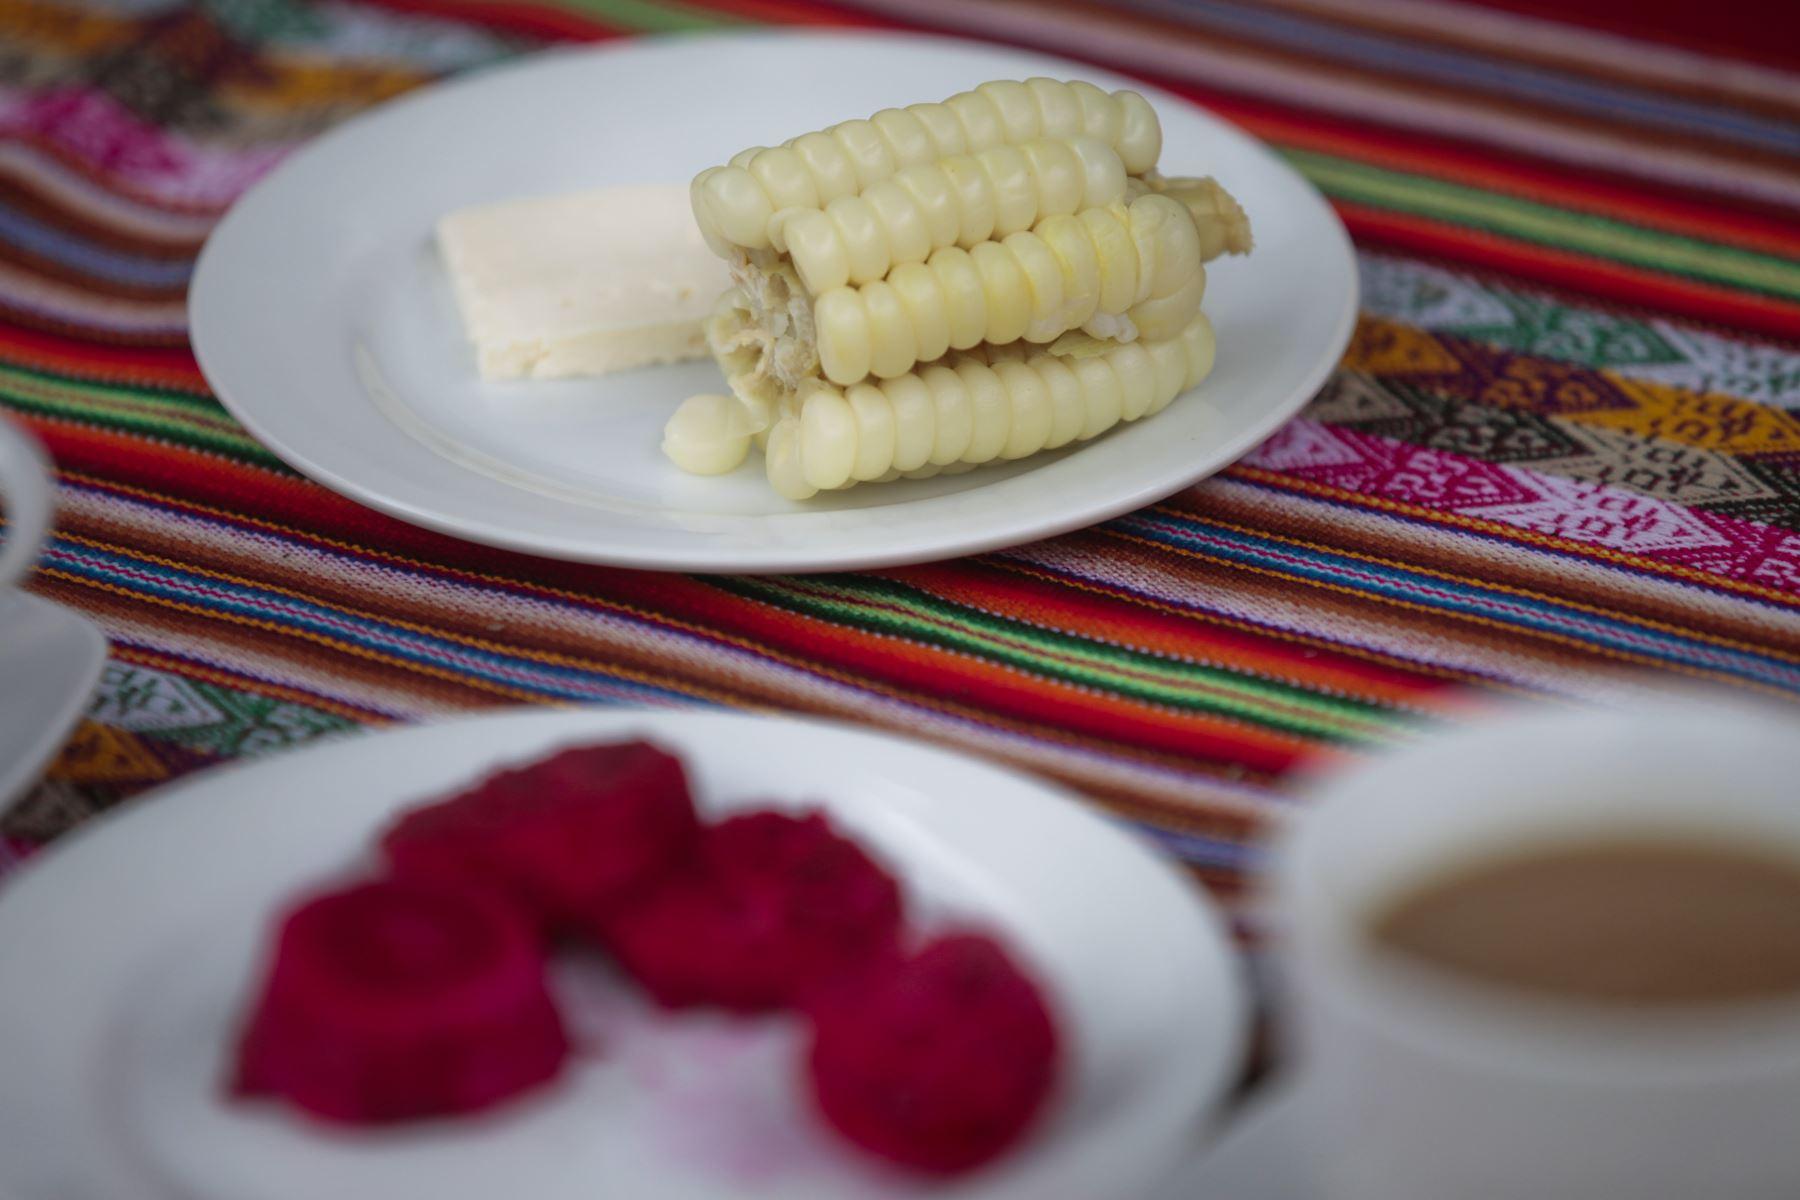 Choclo con queso. Ministerio de Salud presenta alternativas de desayunos de invierno preparados con cereales andinos y productos de la selva. Niños degustan desayuno de choclo, queso, pan, jugo de fruta y maca. Foto: ANDINA/Miguel Mejía